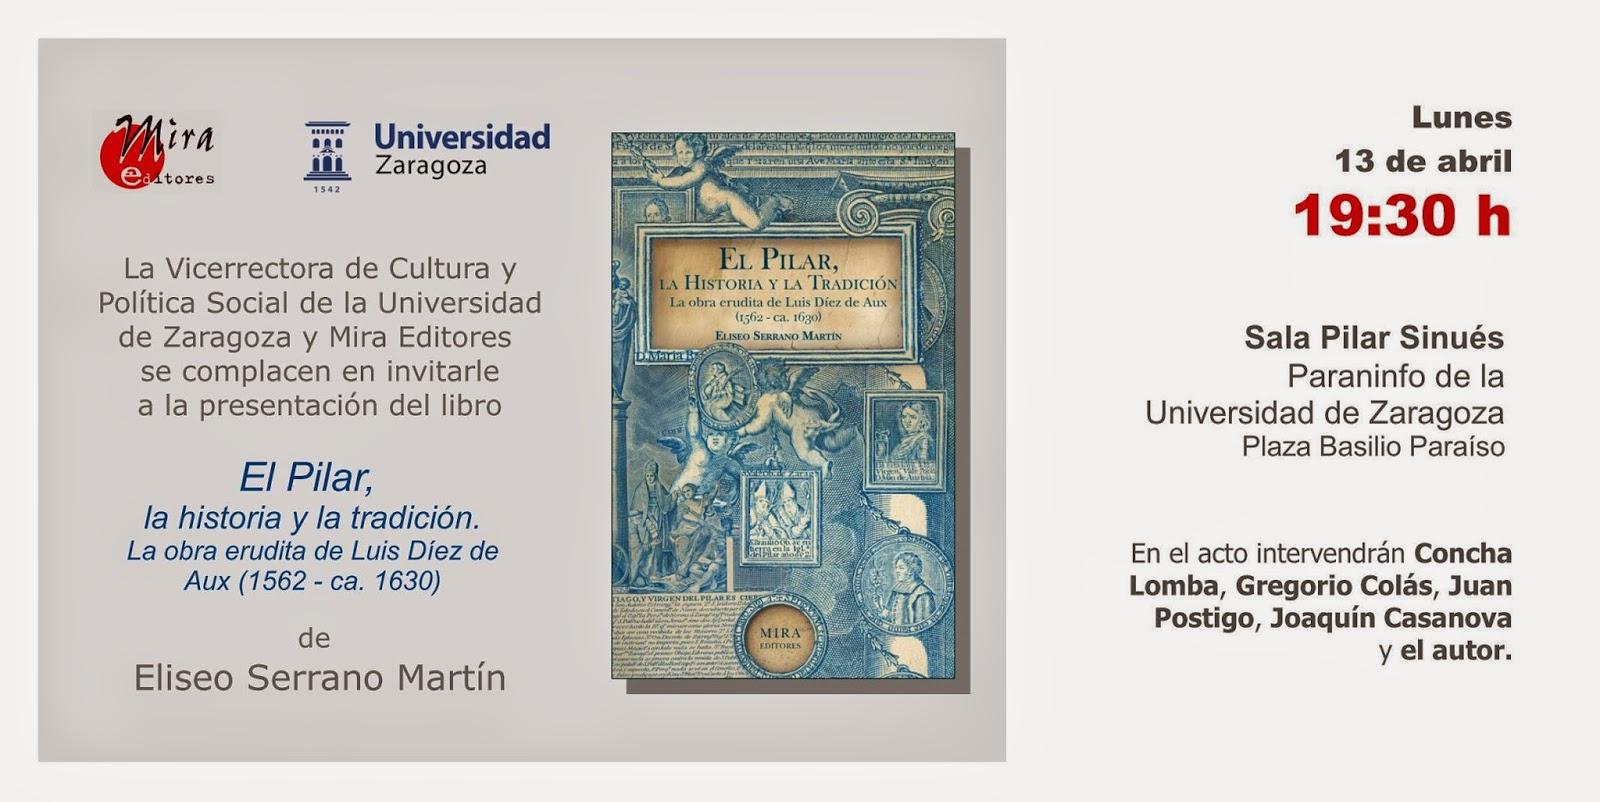 El Pilar, la historia y la tradición